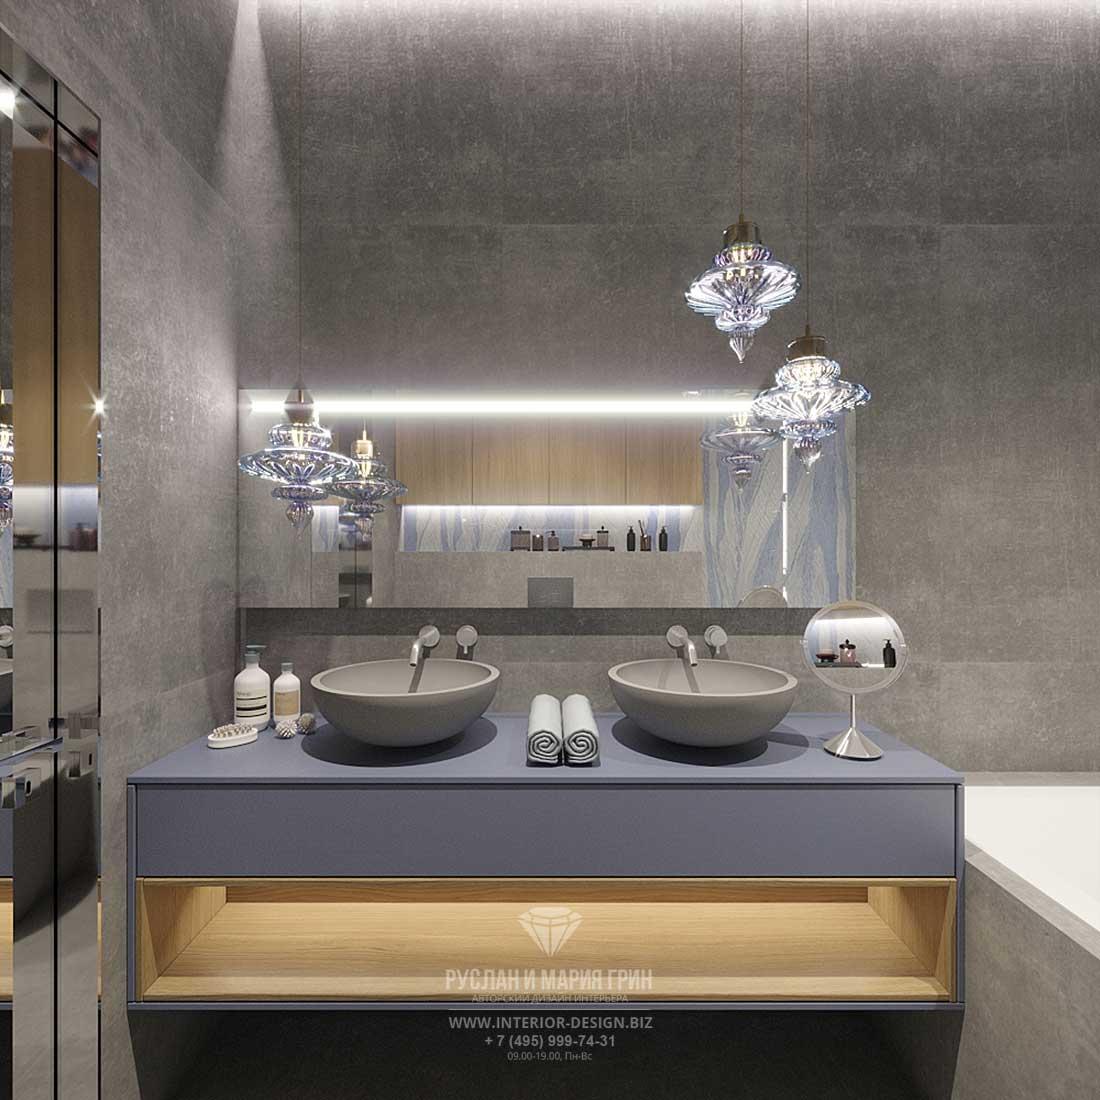 Дизайн ванной комнаты в современном стиле с двумя раковинами